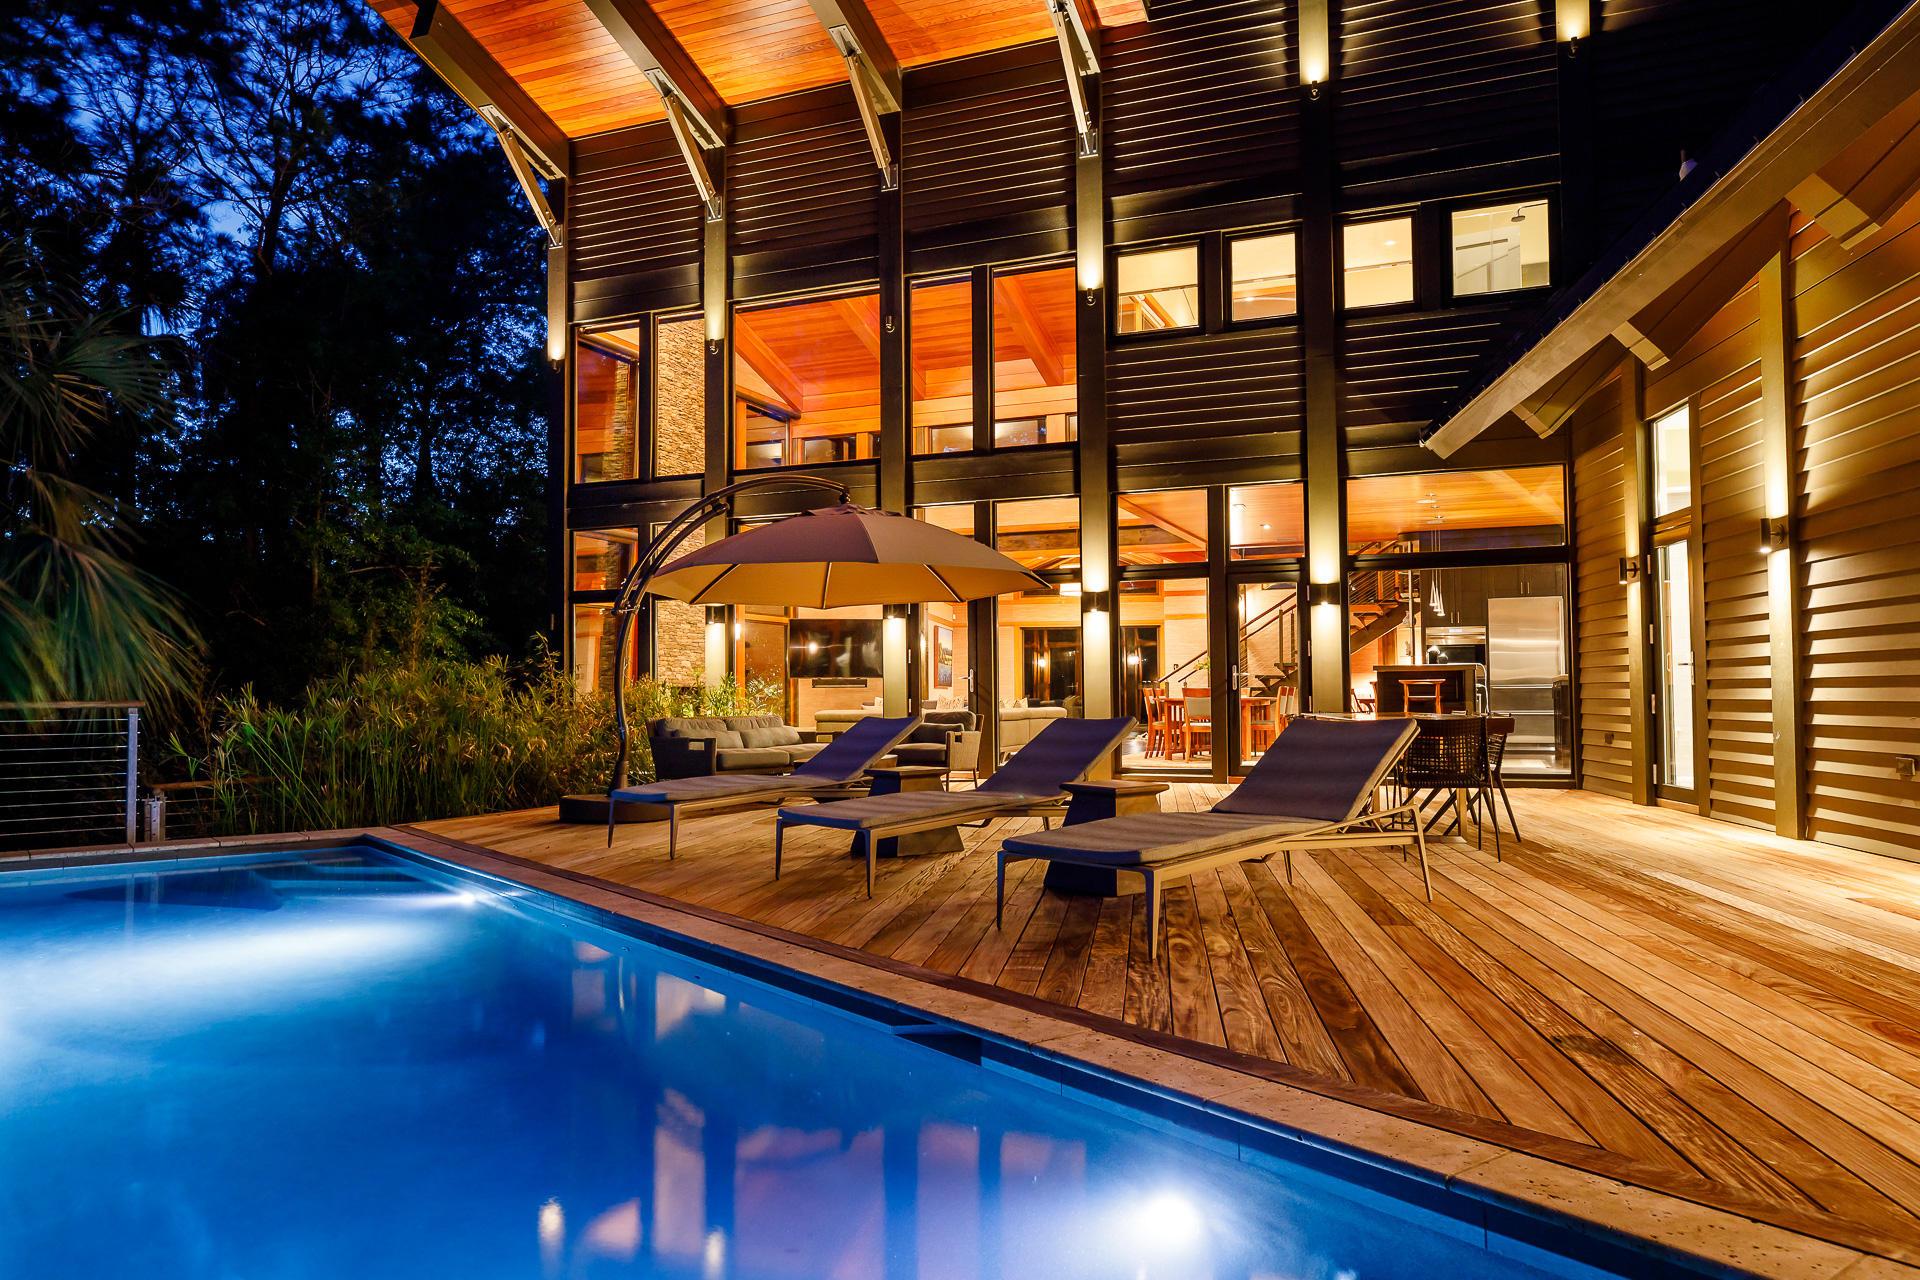 Kiawah Island Homes For Sale - 102 Blue Heron Pond, Kiawah Island, SC - 17